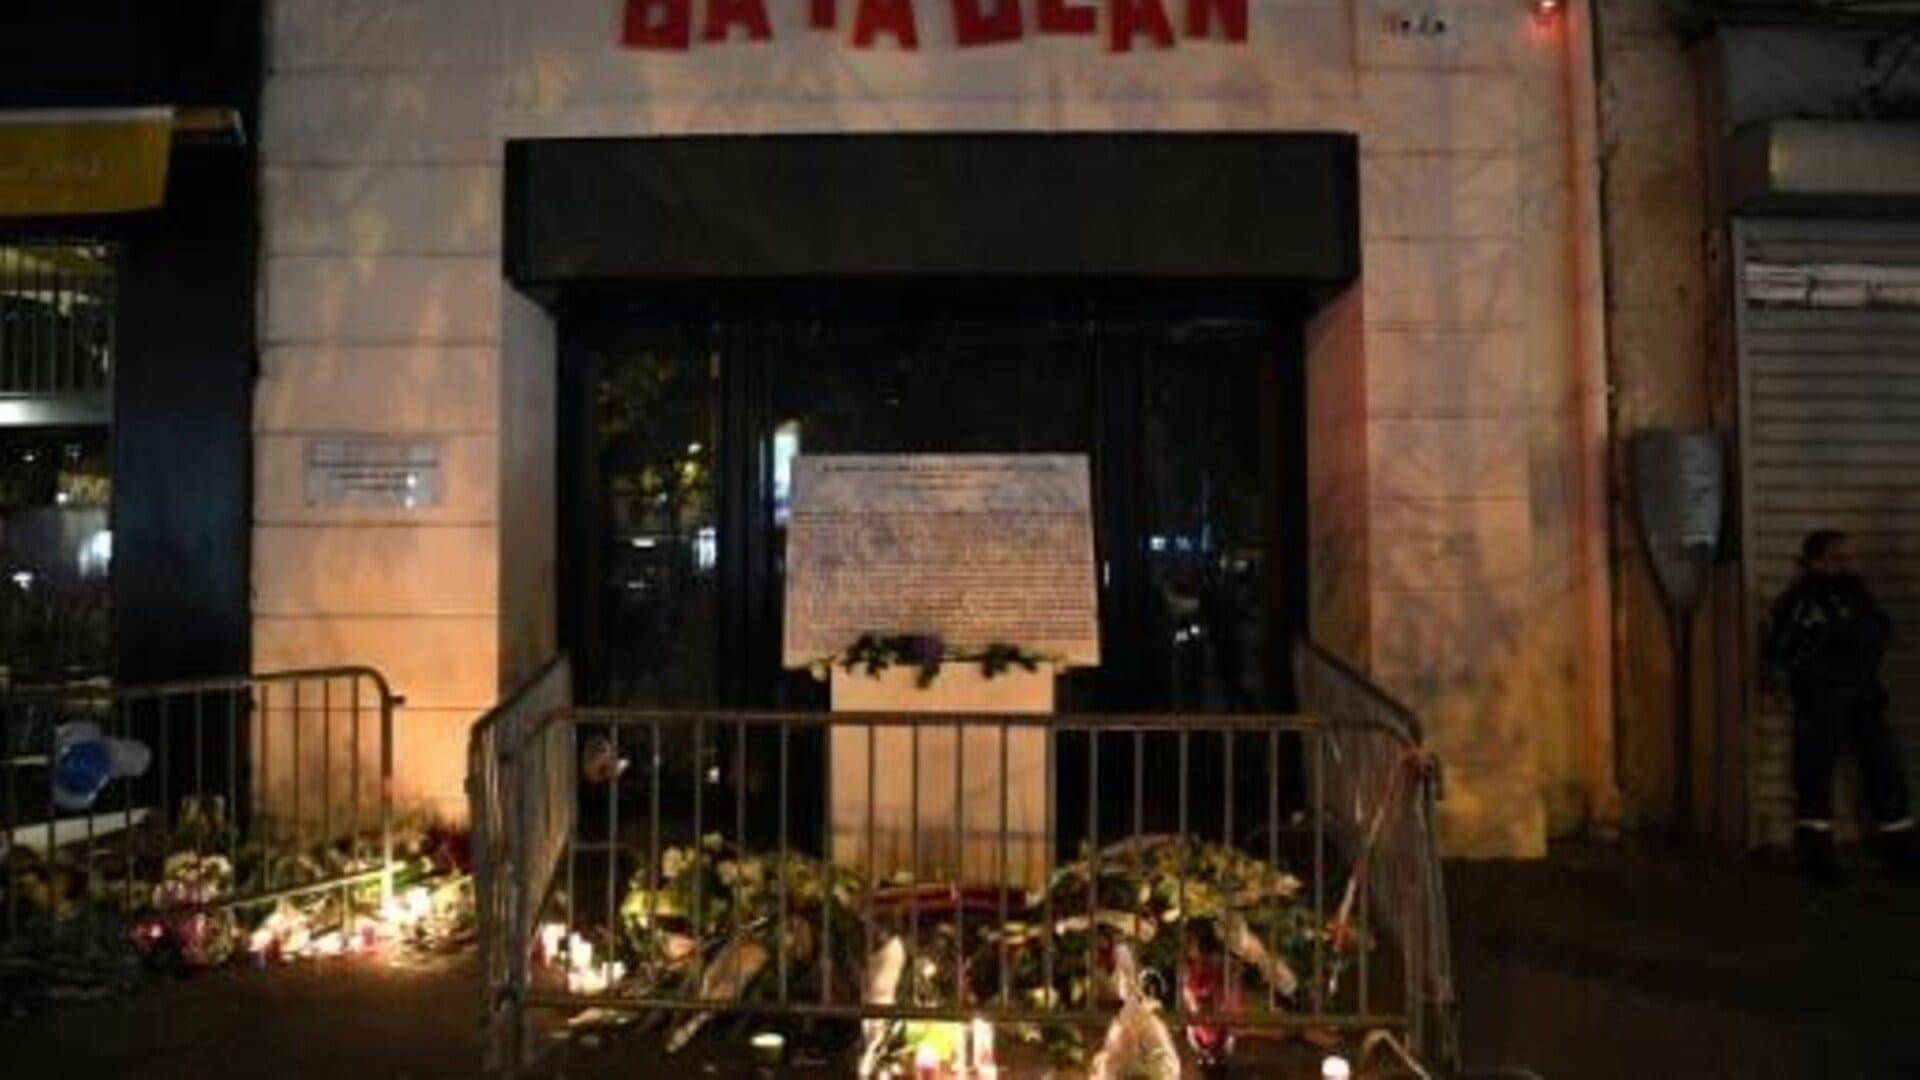 فرنسا تحيي الذكرى الخامسة لضحايا هجمات 13 تشرين الثاني/ نوفمبر